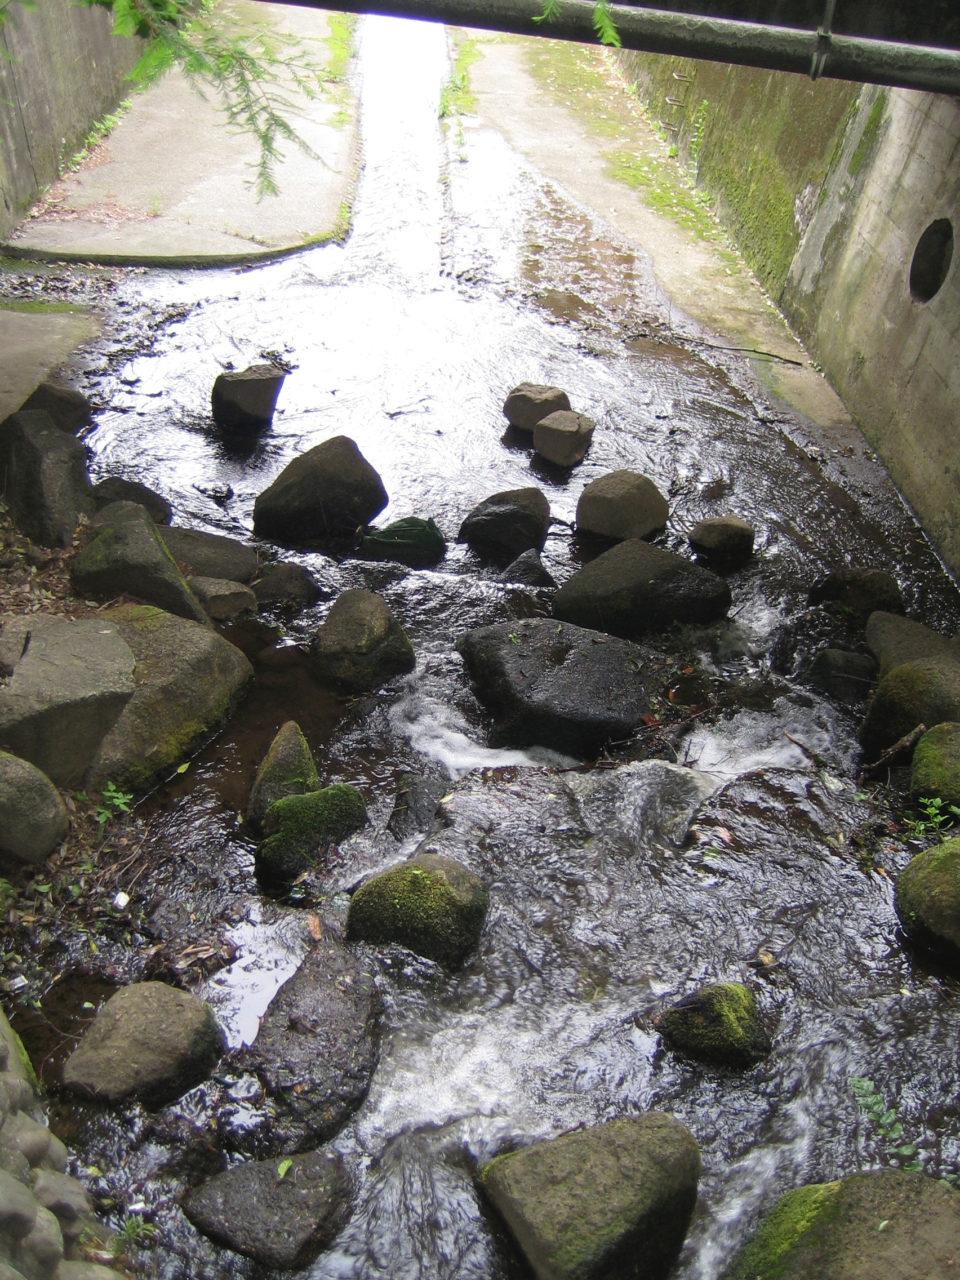 こちら、10年前の2009年5月に撮った写真。小ガモたちはここを流されて下まで行きました。